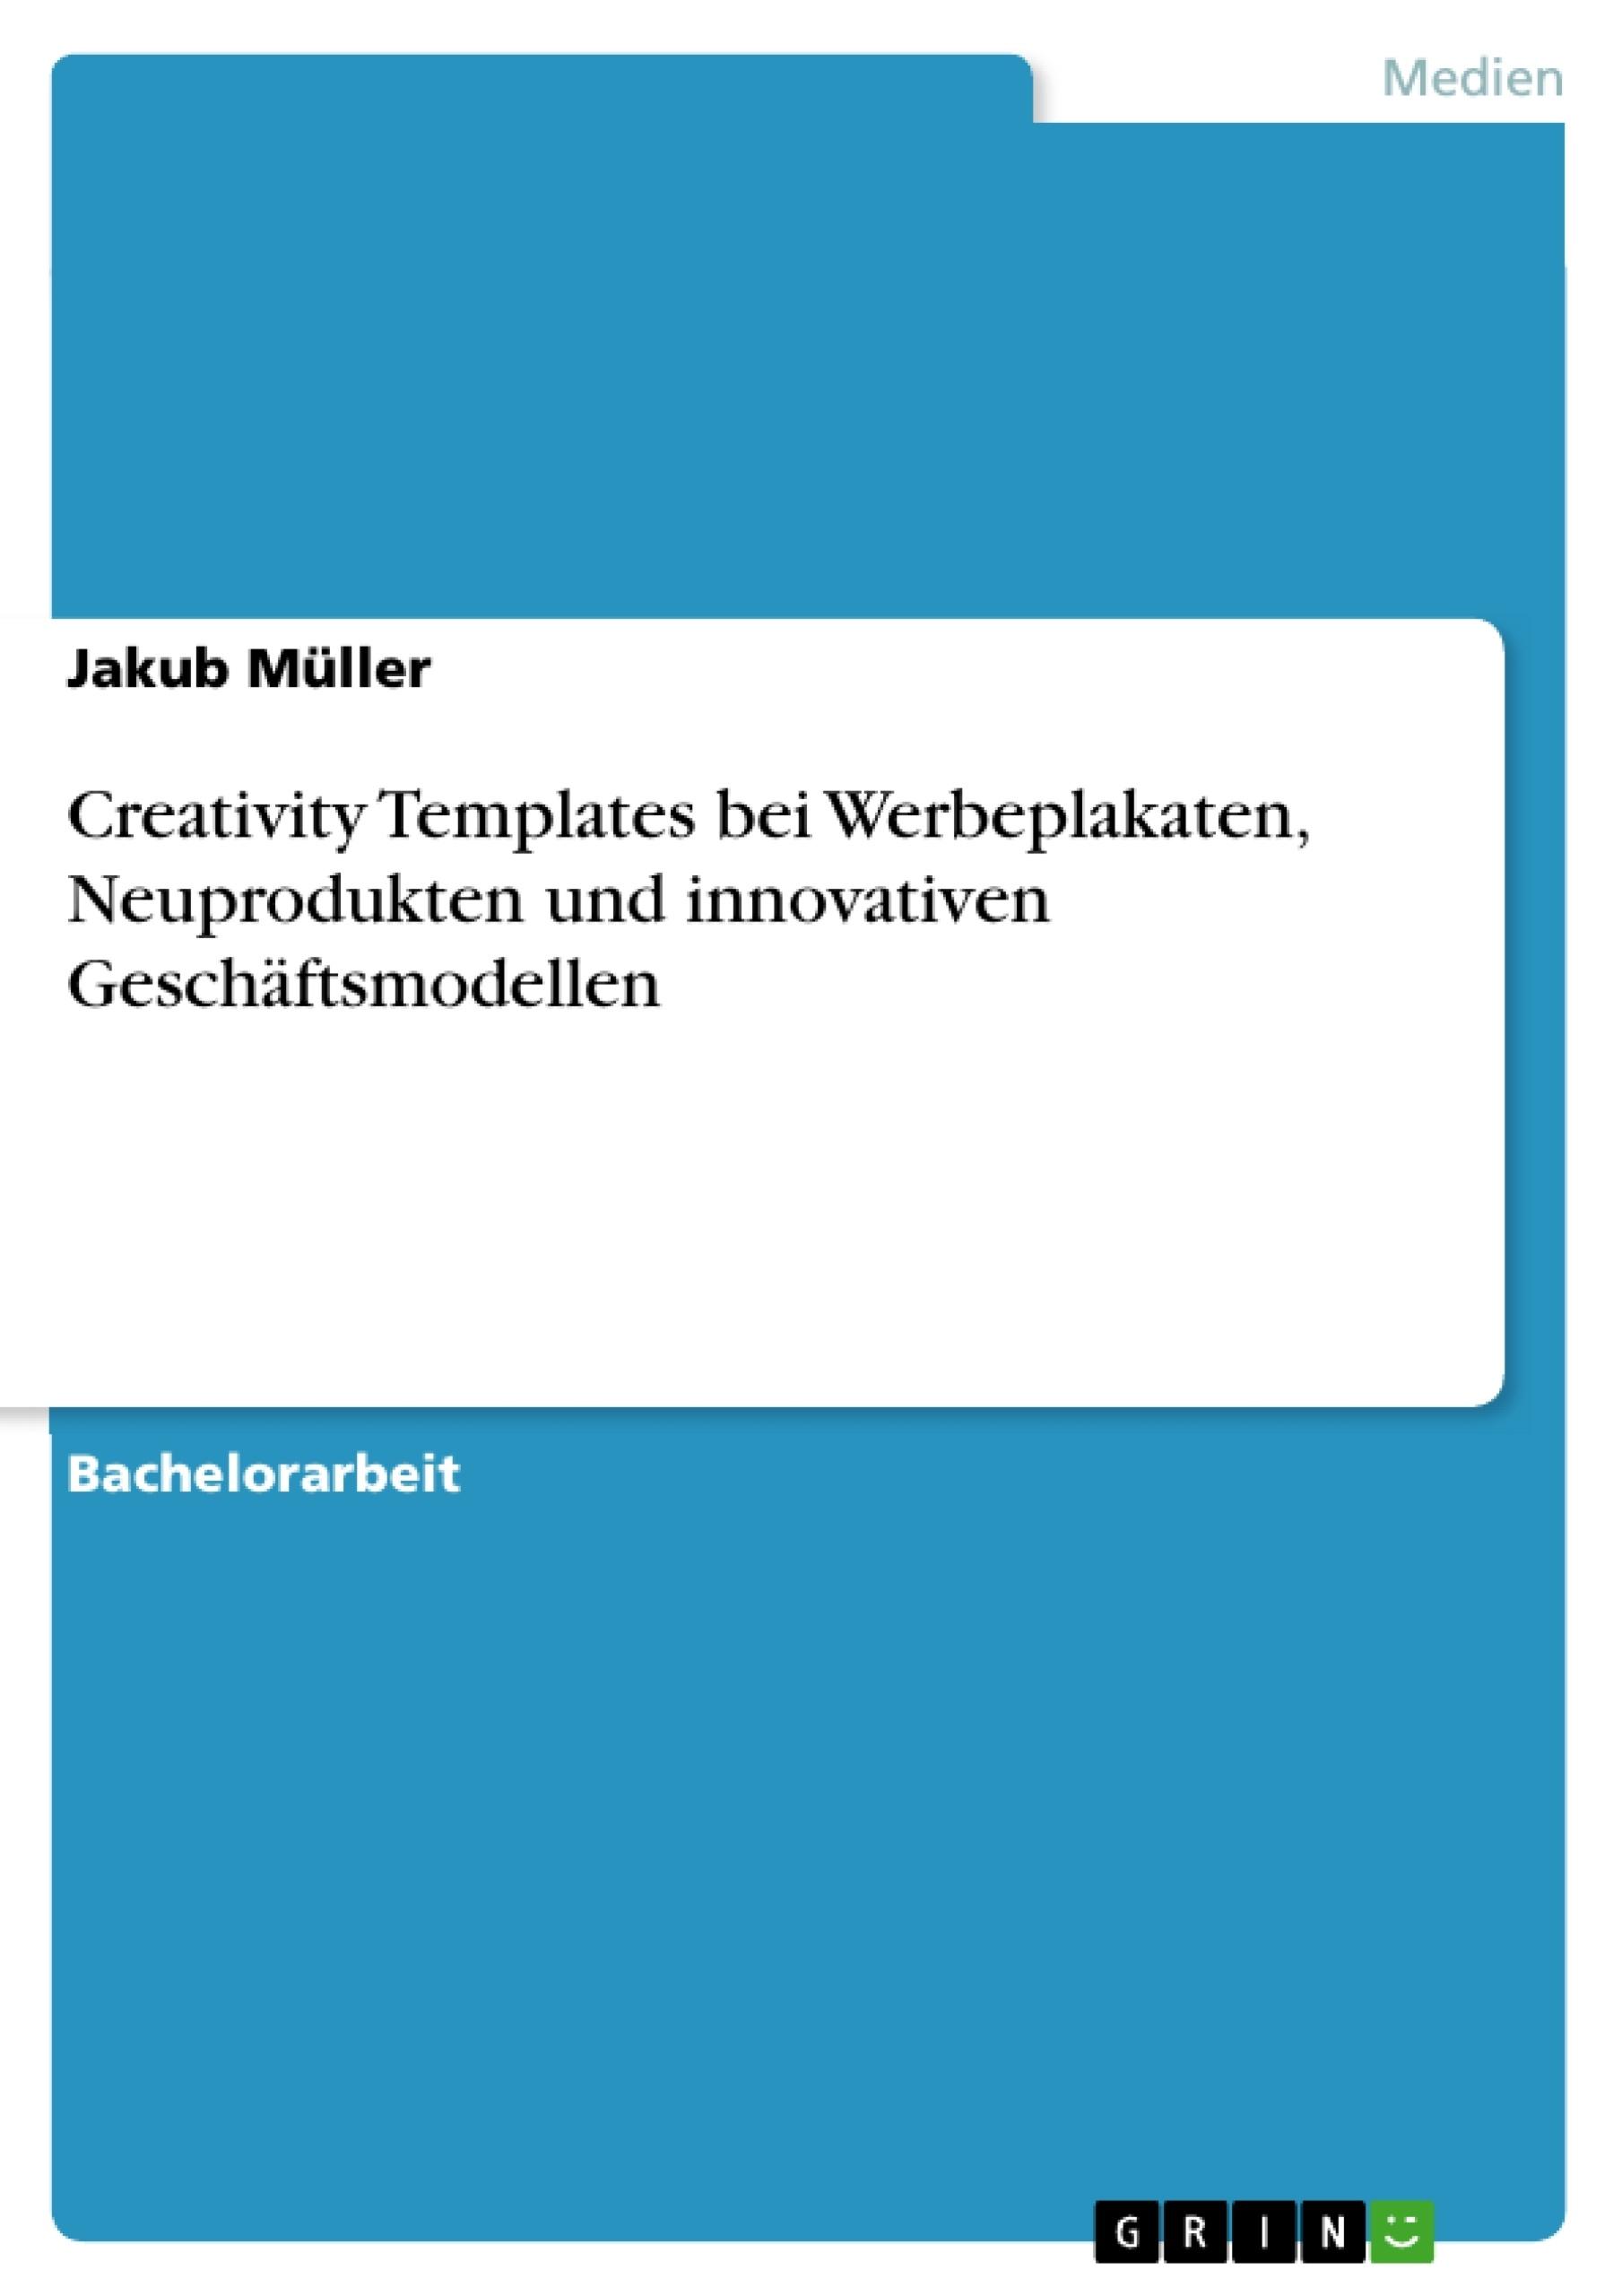 Titel: Creativity Templates bei Werbeplakaten, Neuprodukten und innovativen Geschäftsmodellen